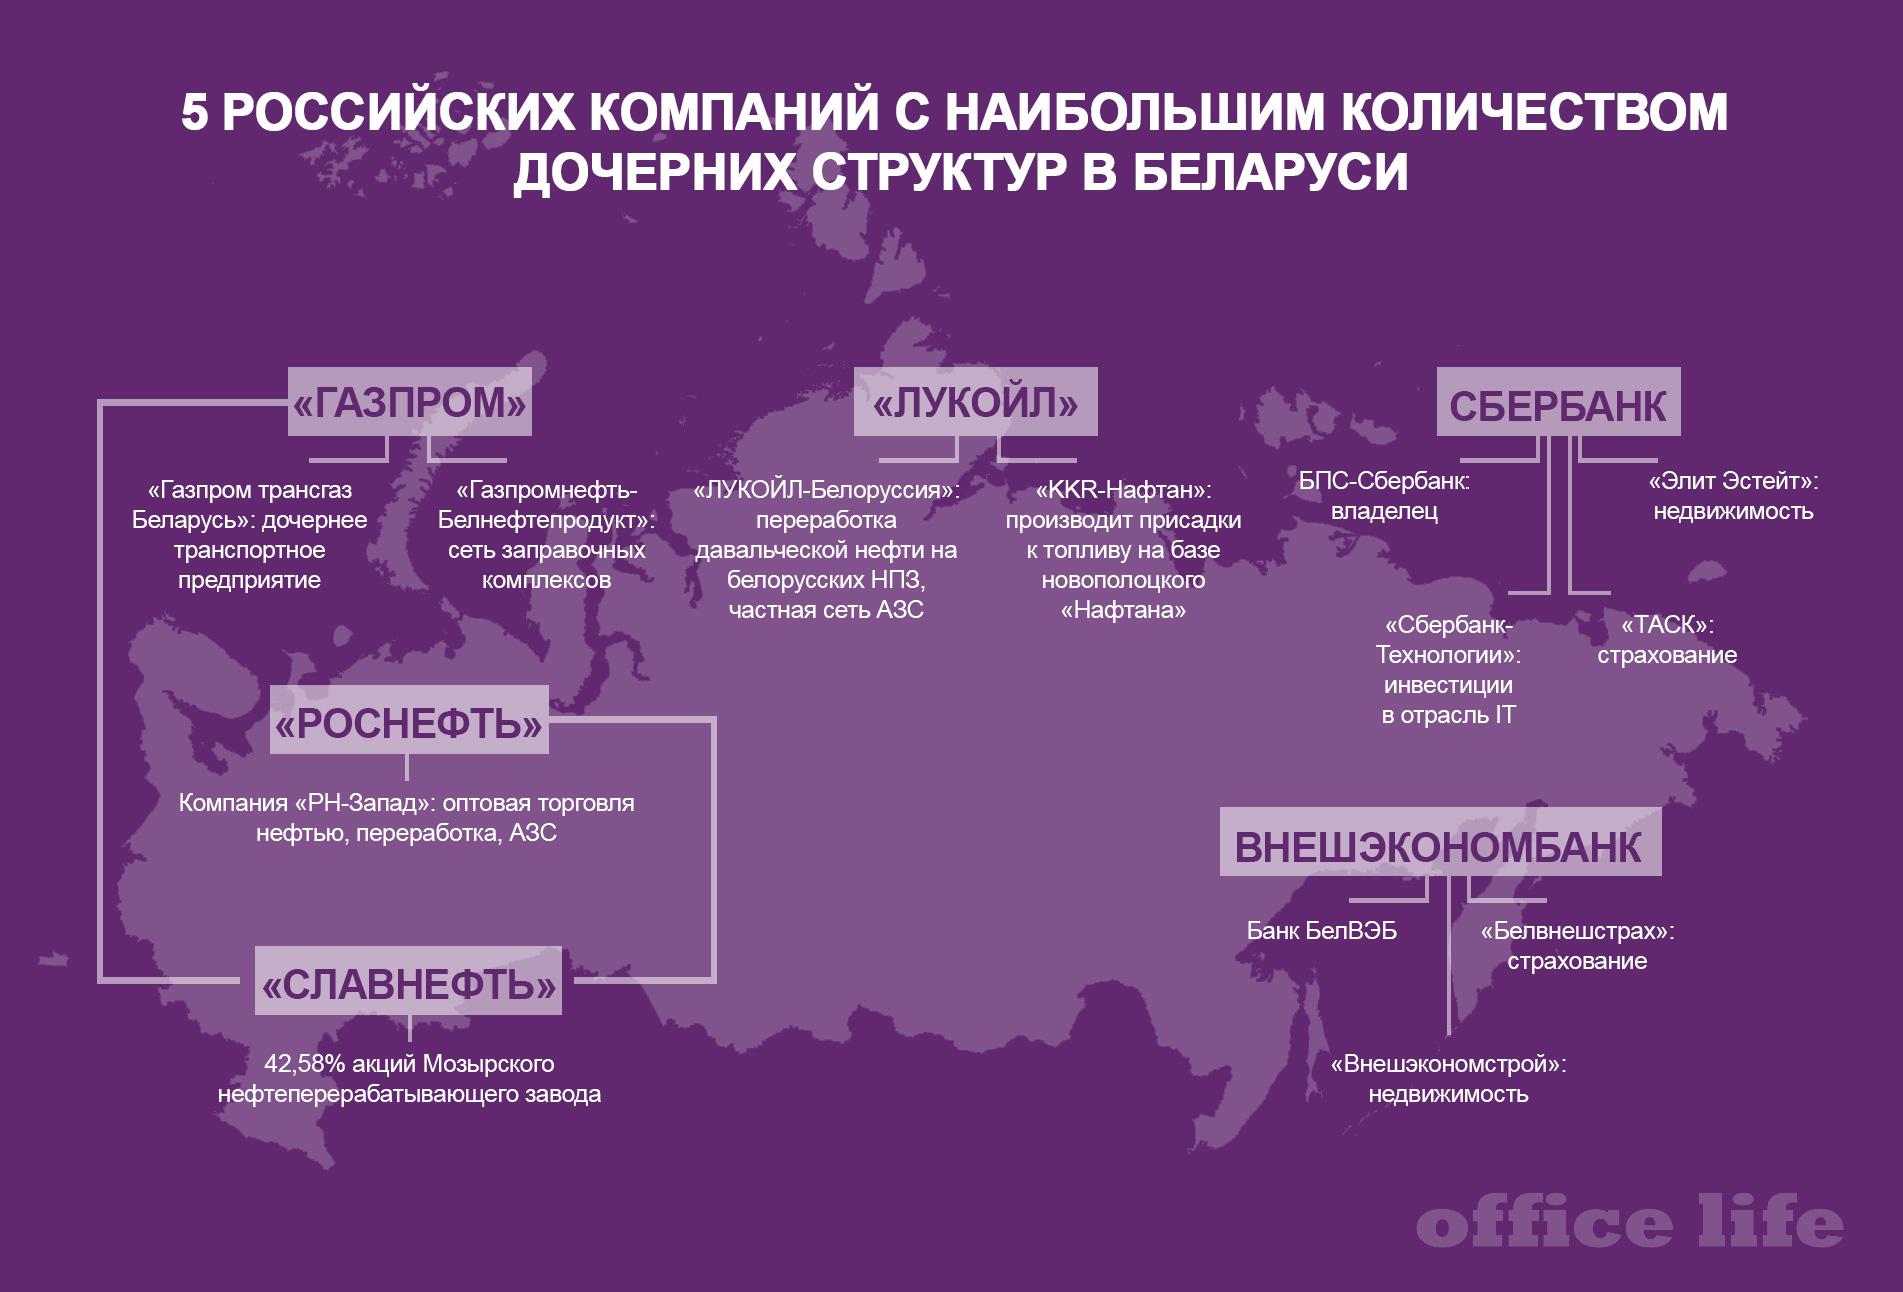 5 российских компаний с наибольшим количеством дочерних структур в Беларуси